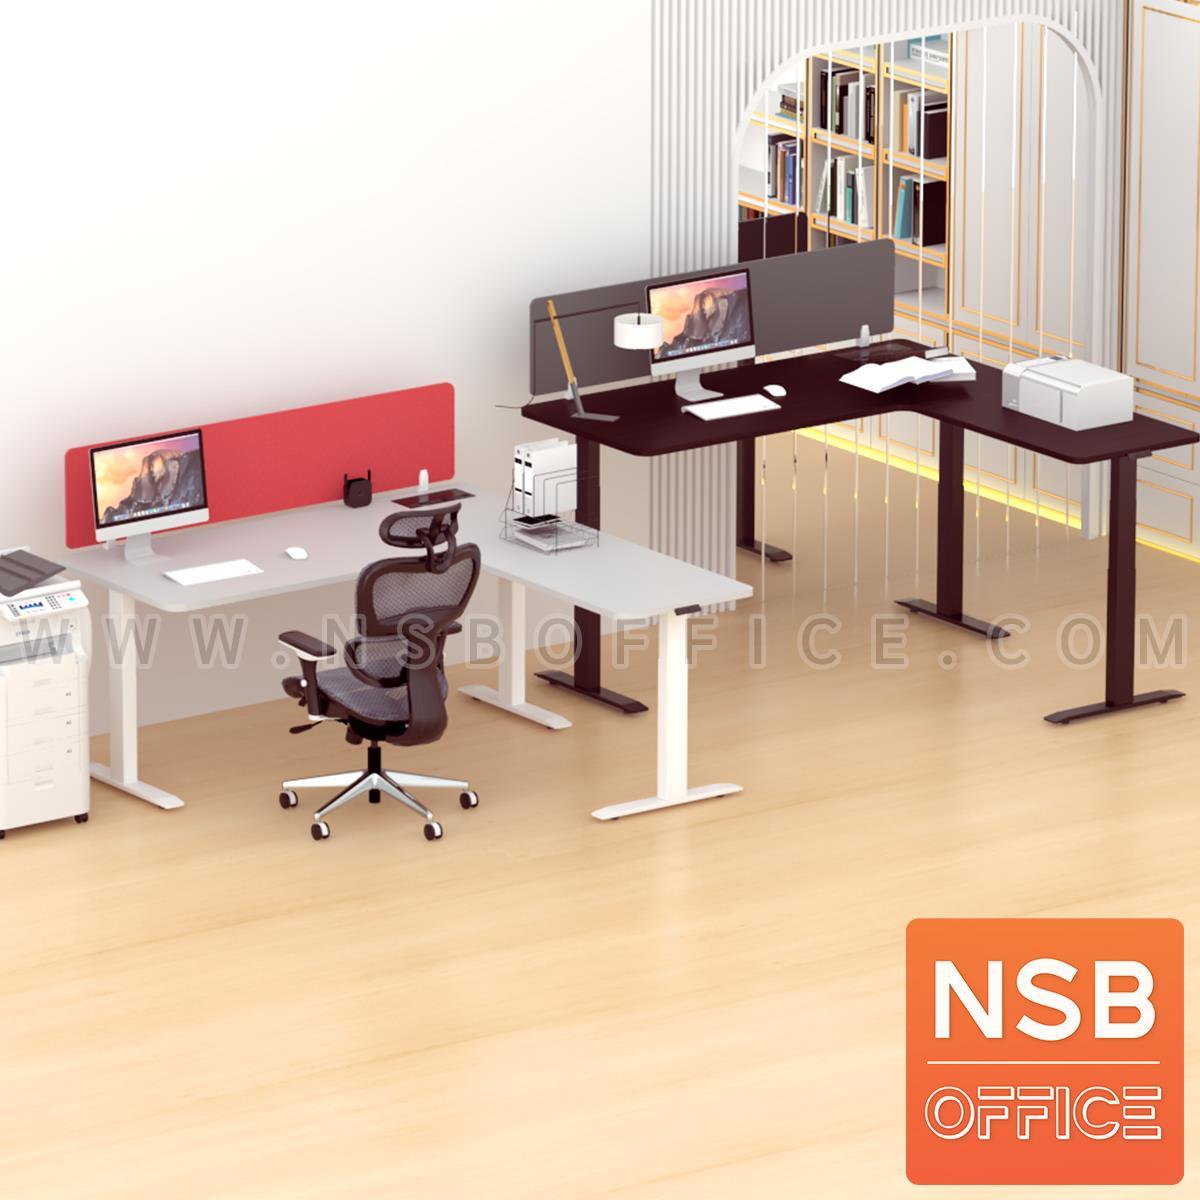 โต๊ะทำงาน Sit 2 Stand ทรงตัวแอล รุ่น Carmine (คาร์ไมน์) ขนาด 160W, 180W cm. มินิสกรีนผ้า พร้อมป็อปอัพรุ่น A24A057